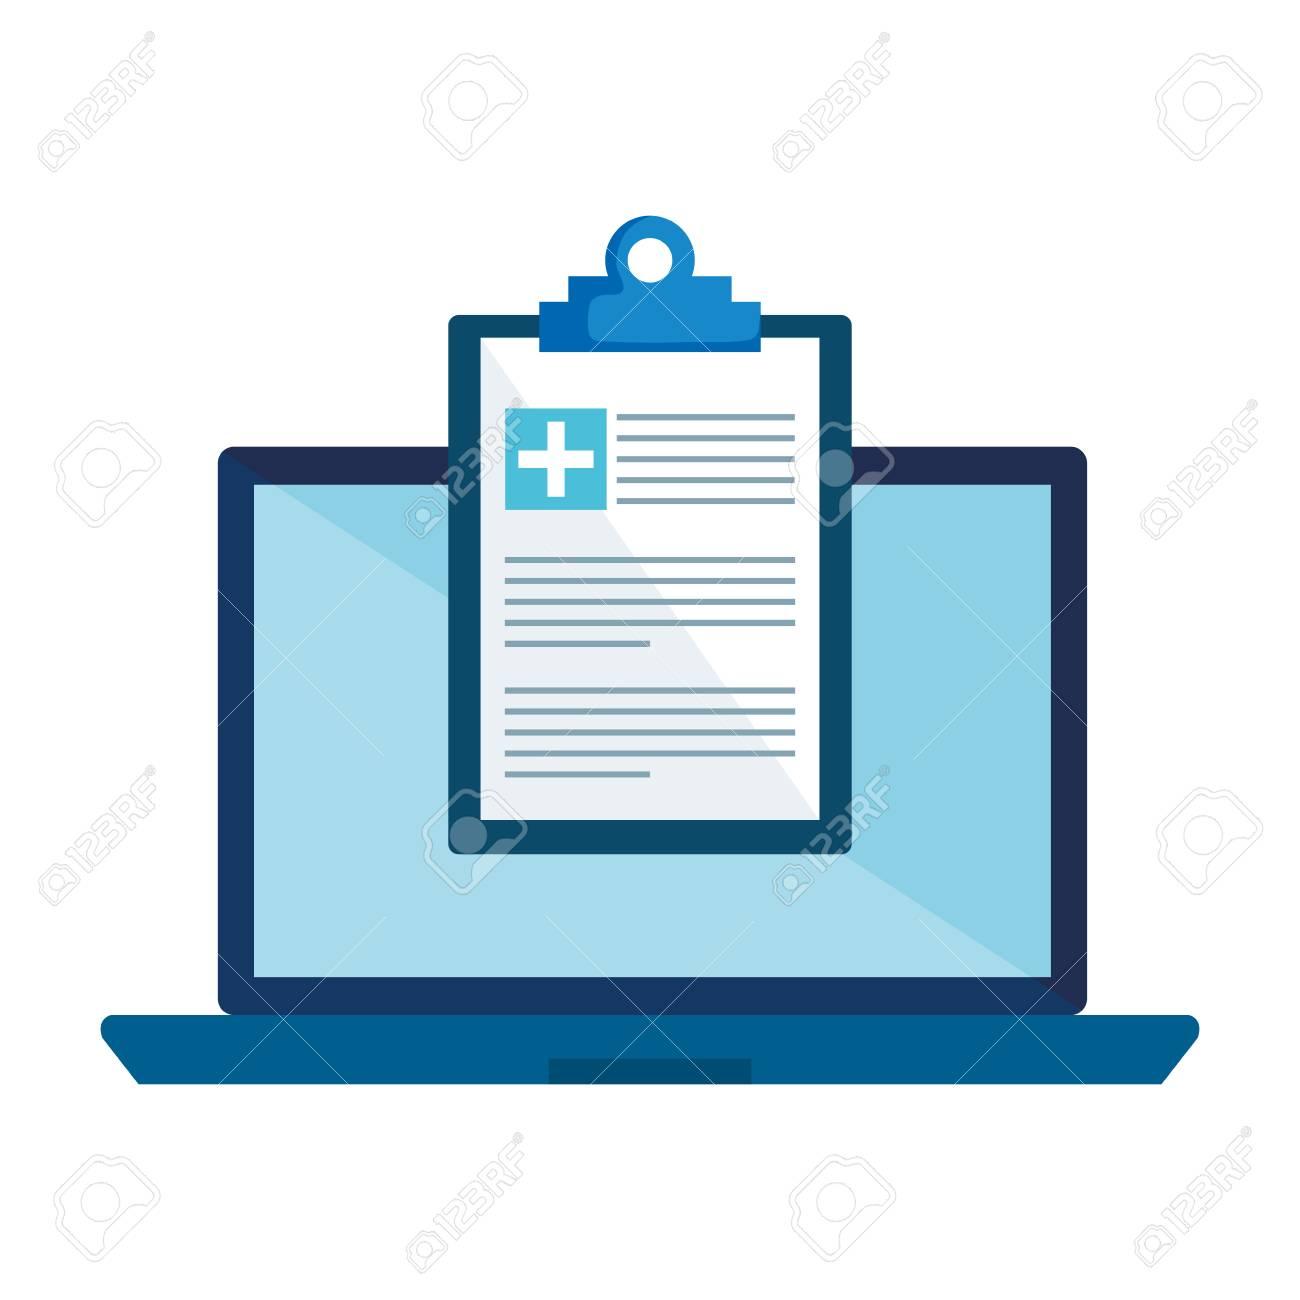 laptop with medical order vector illustration design - 109721812